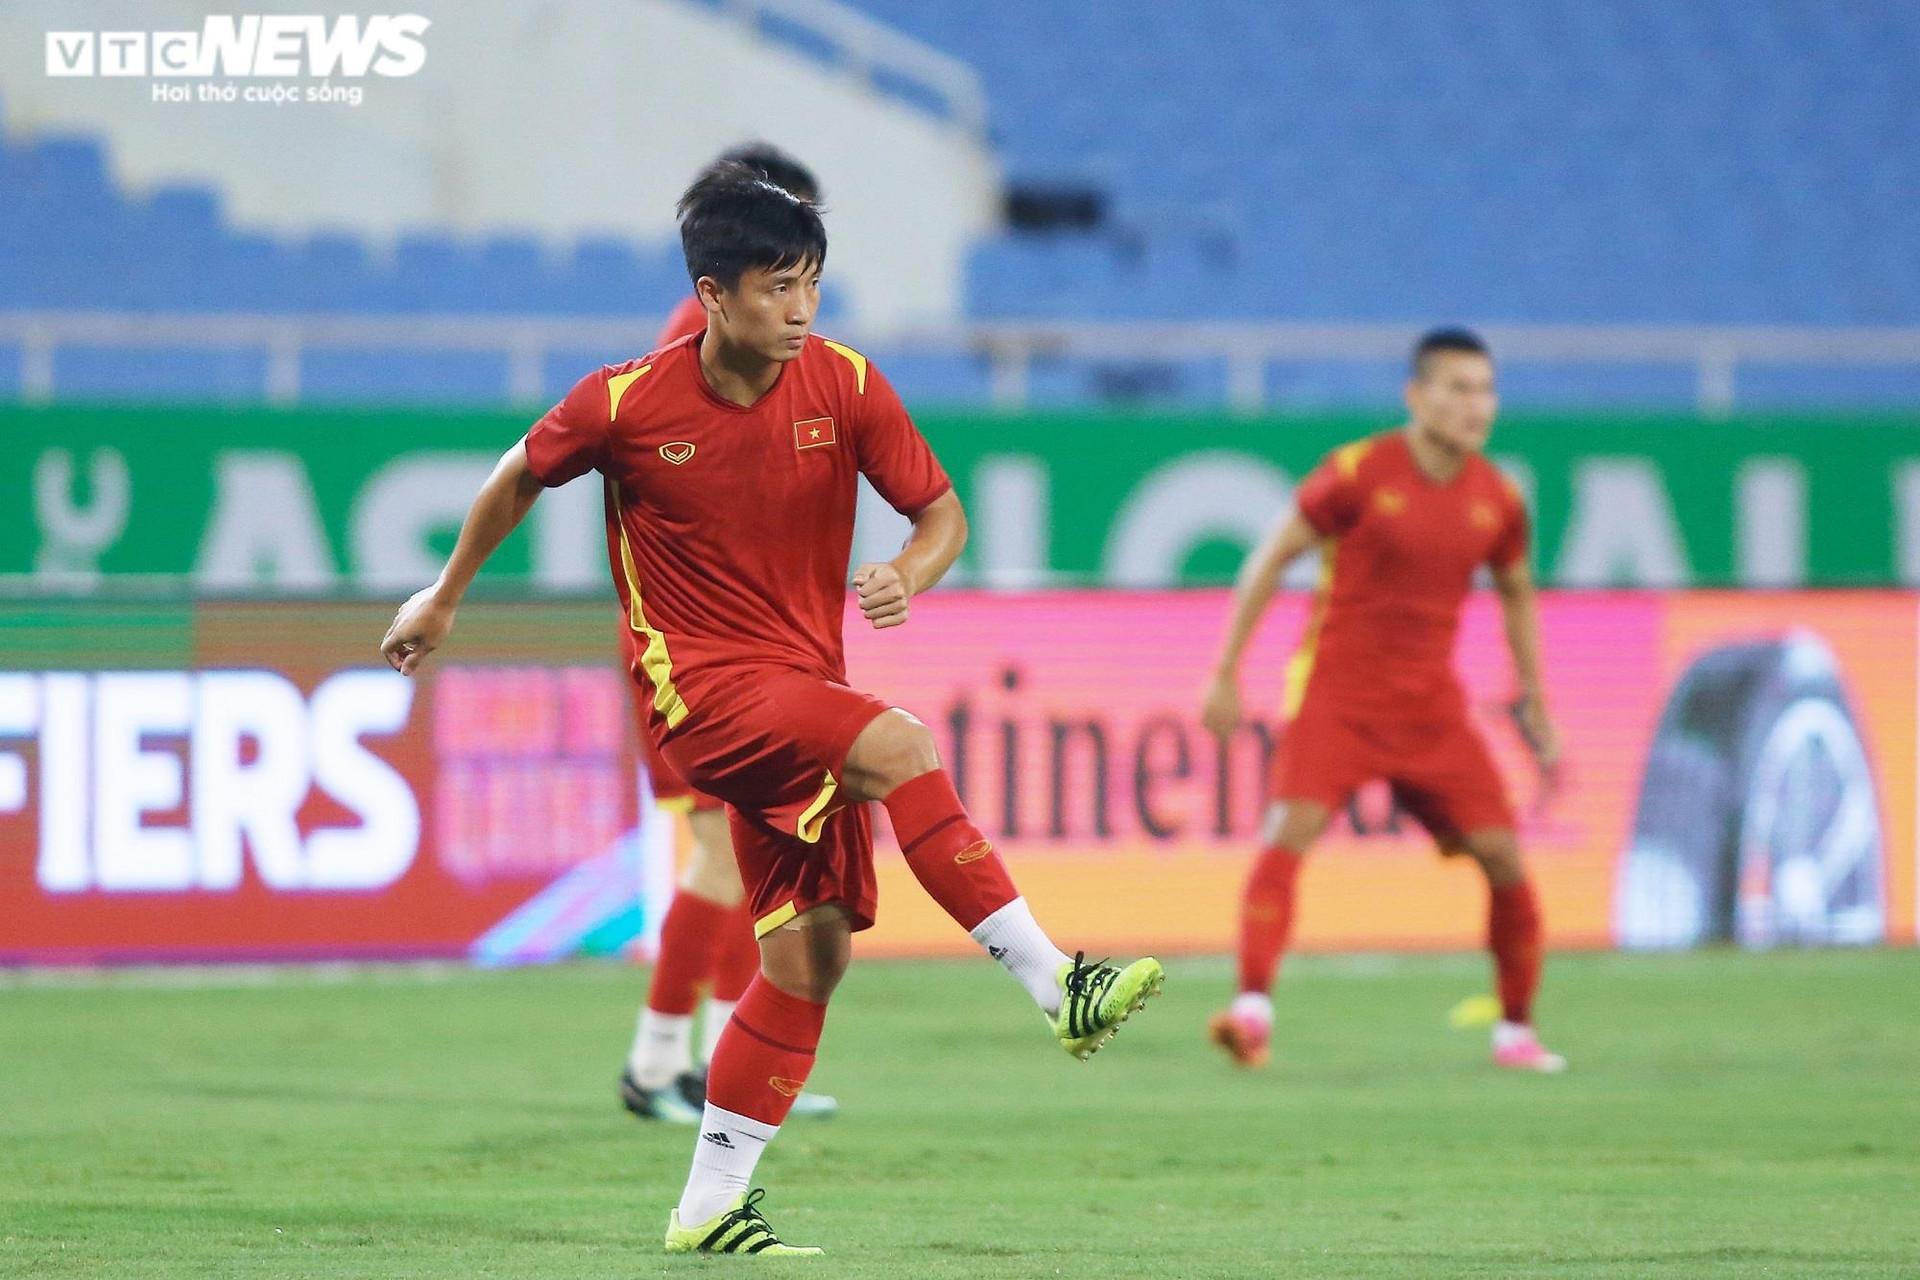 Bão chấn thương hành hạ dàn tuyển thủ Việt Nam suốt 3 năm qua - 4